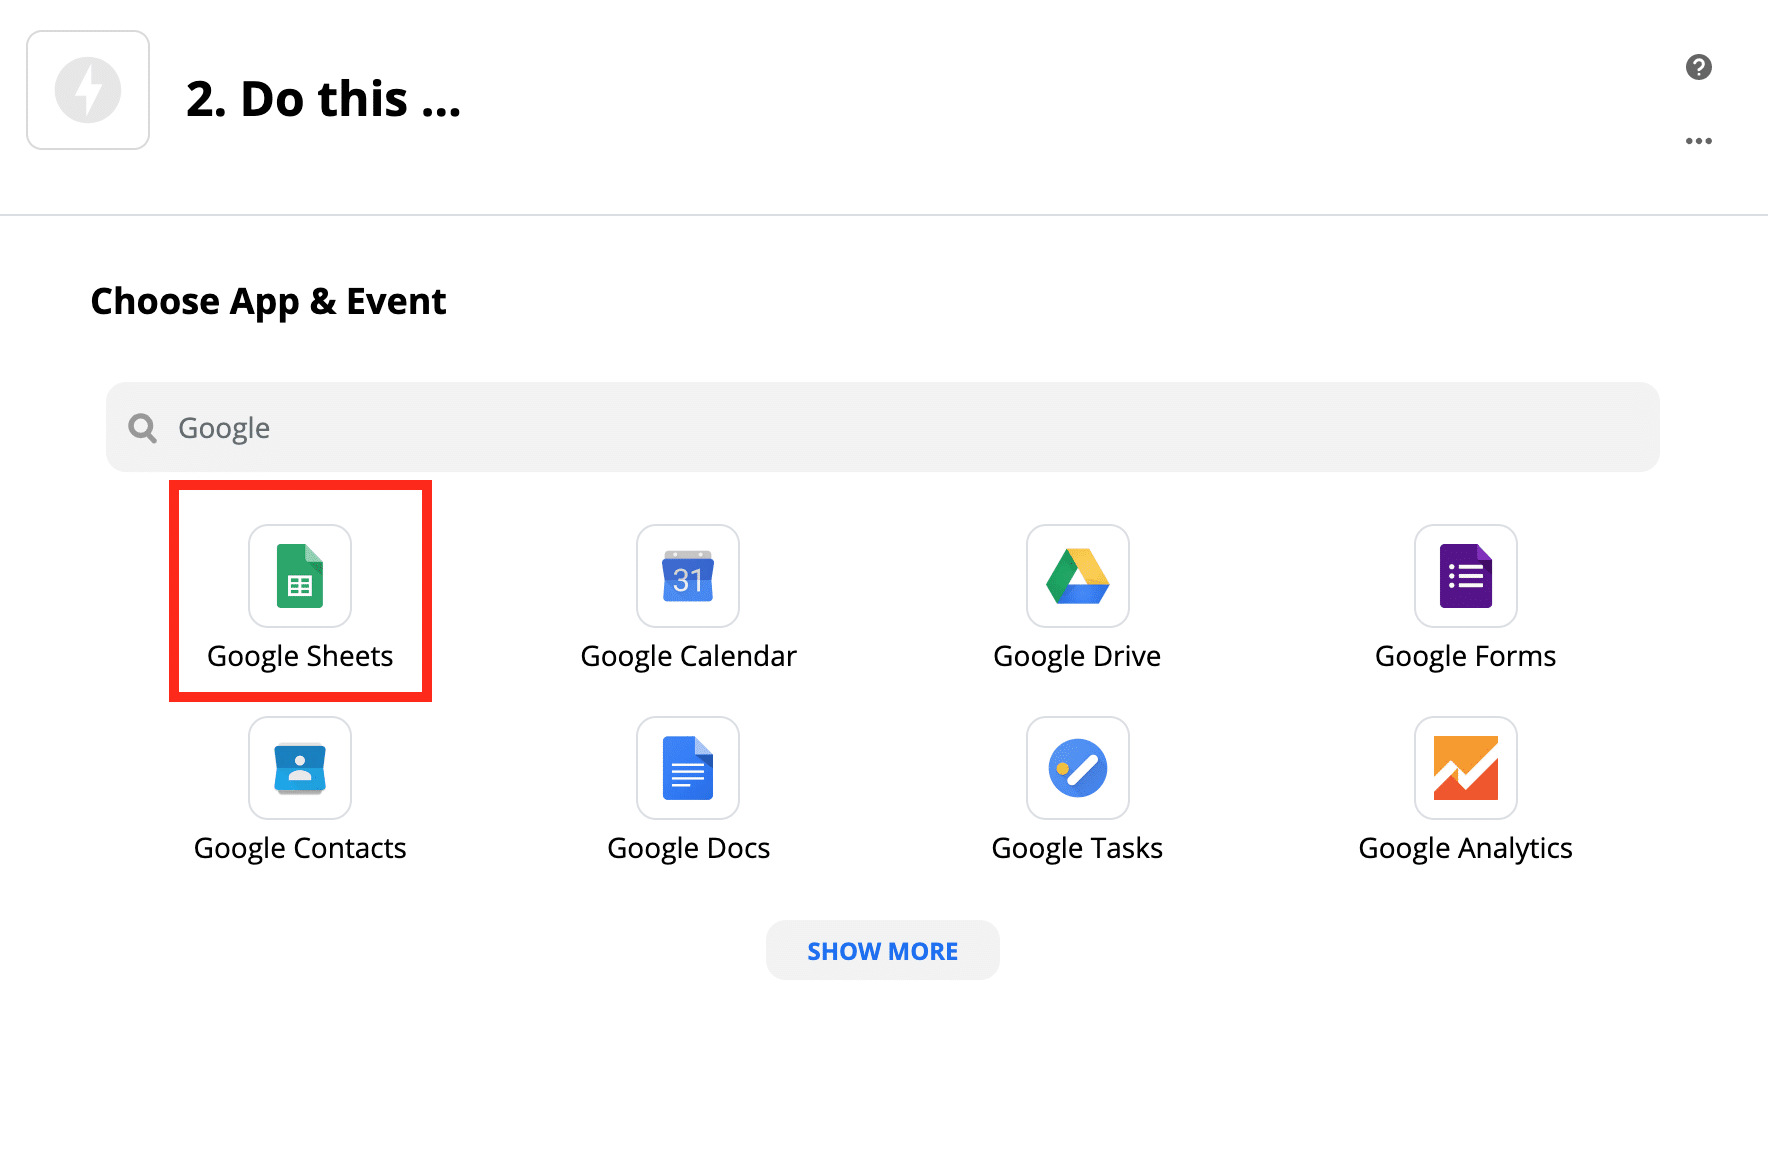 アクションステップで「Google Sheets」を選択する